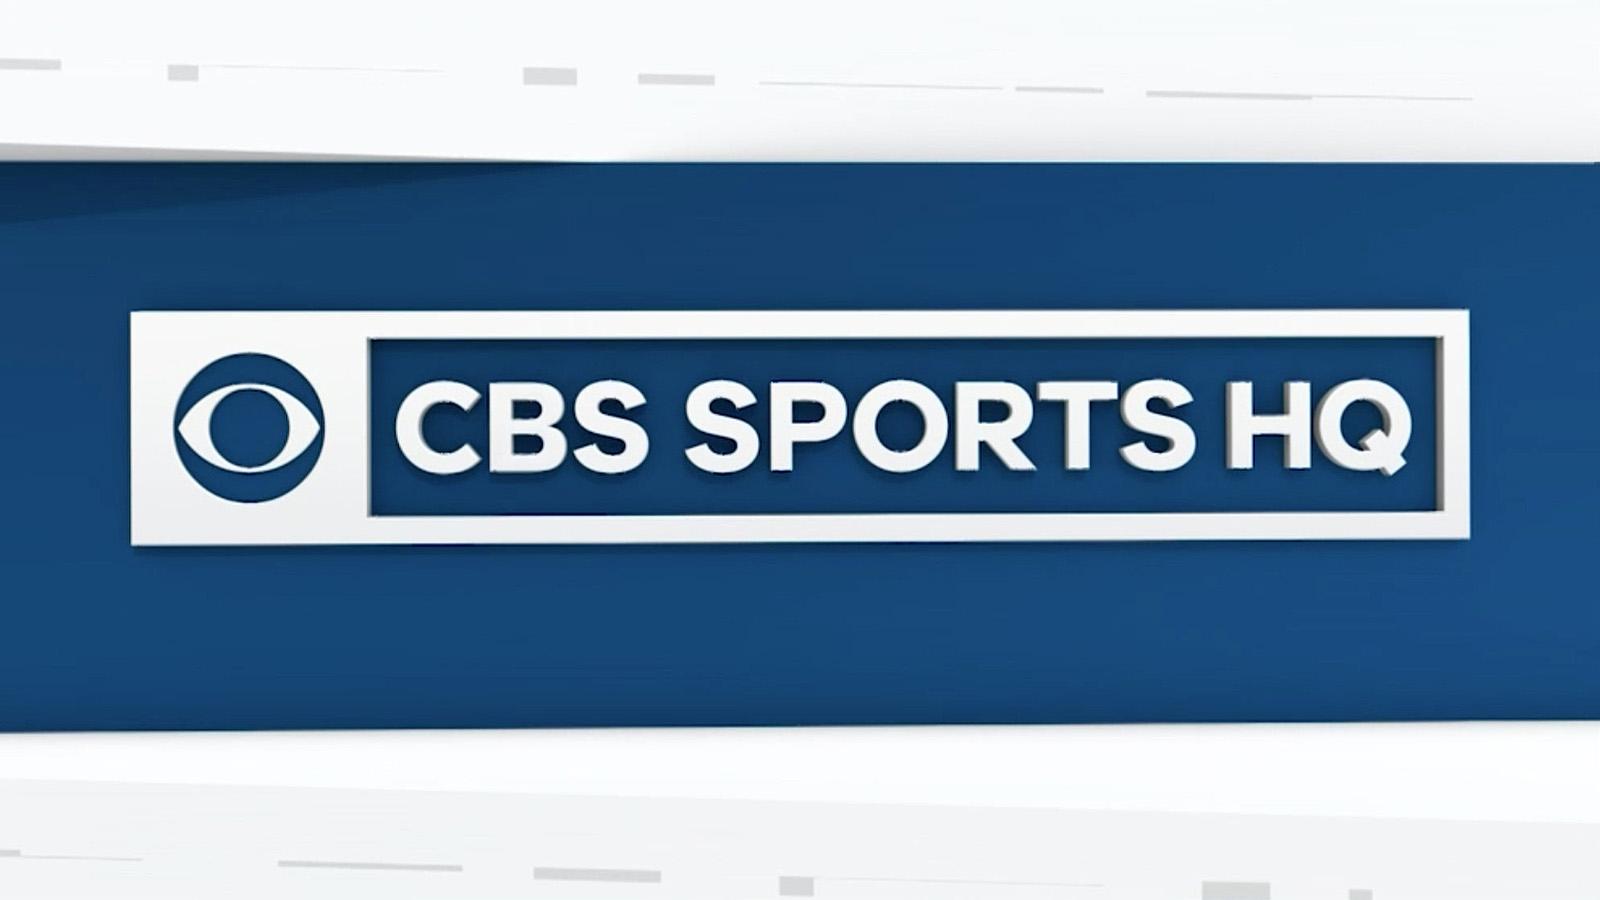 ncs_CBS-Sports-HQ_0001